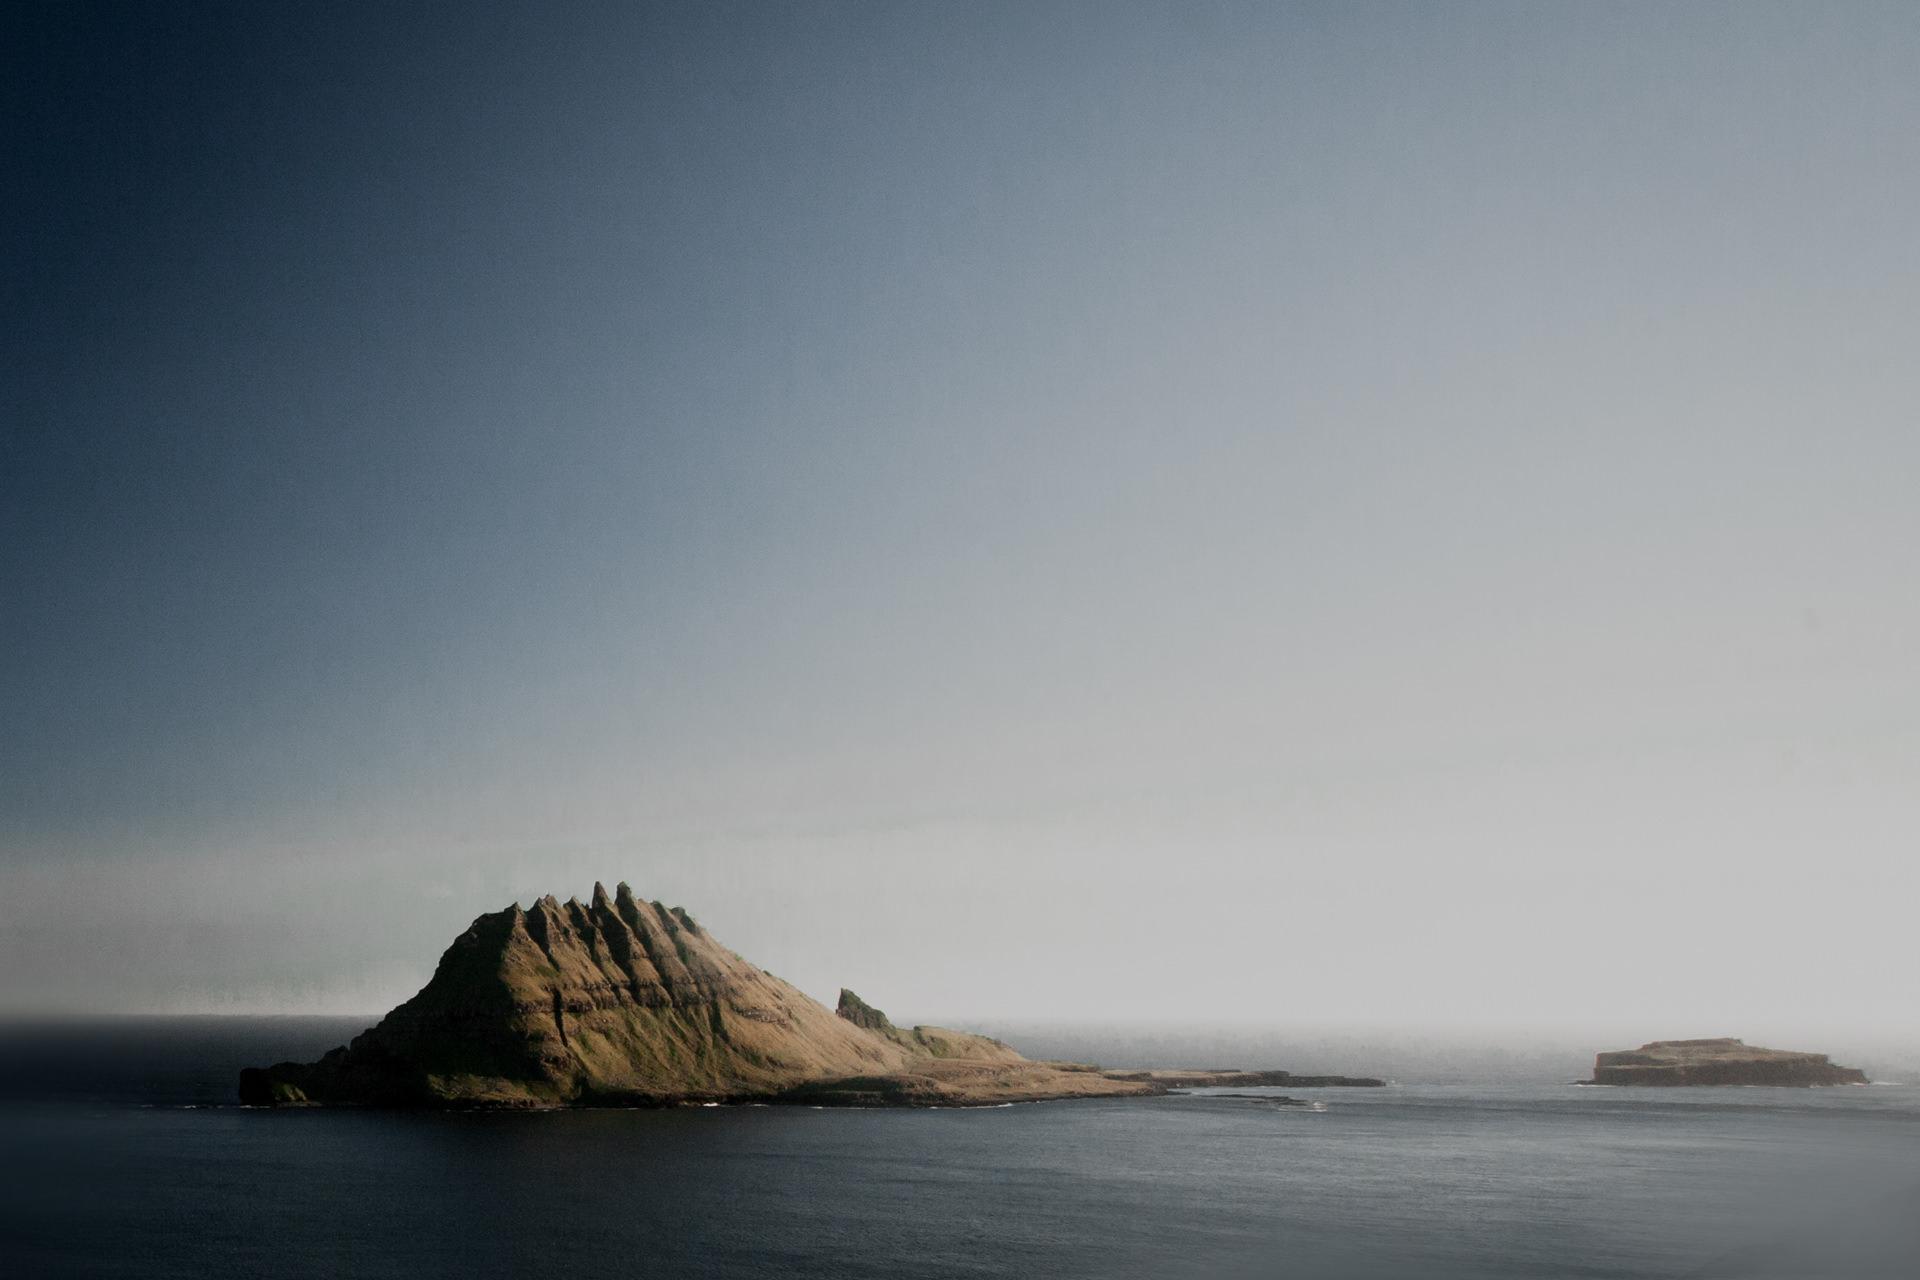 Tindholmur na Wyspach Owczych. Przepiękne krajobrazy